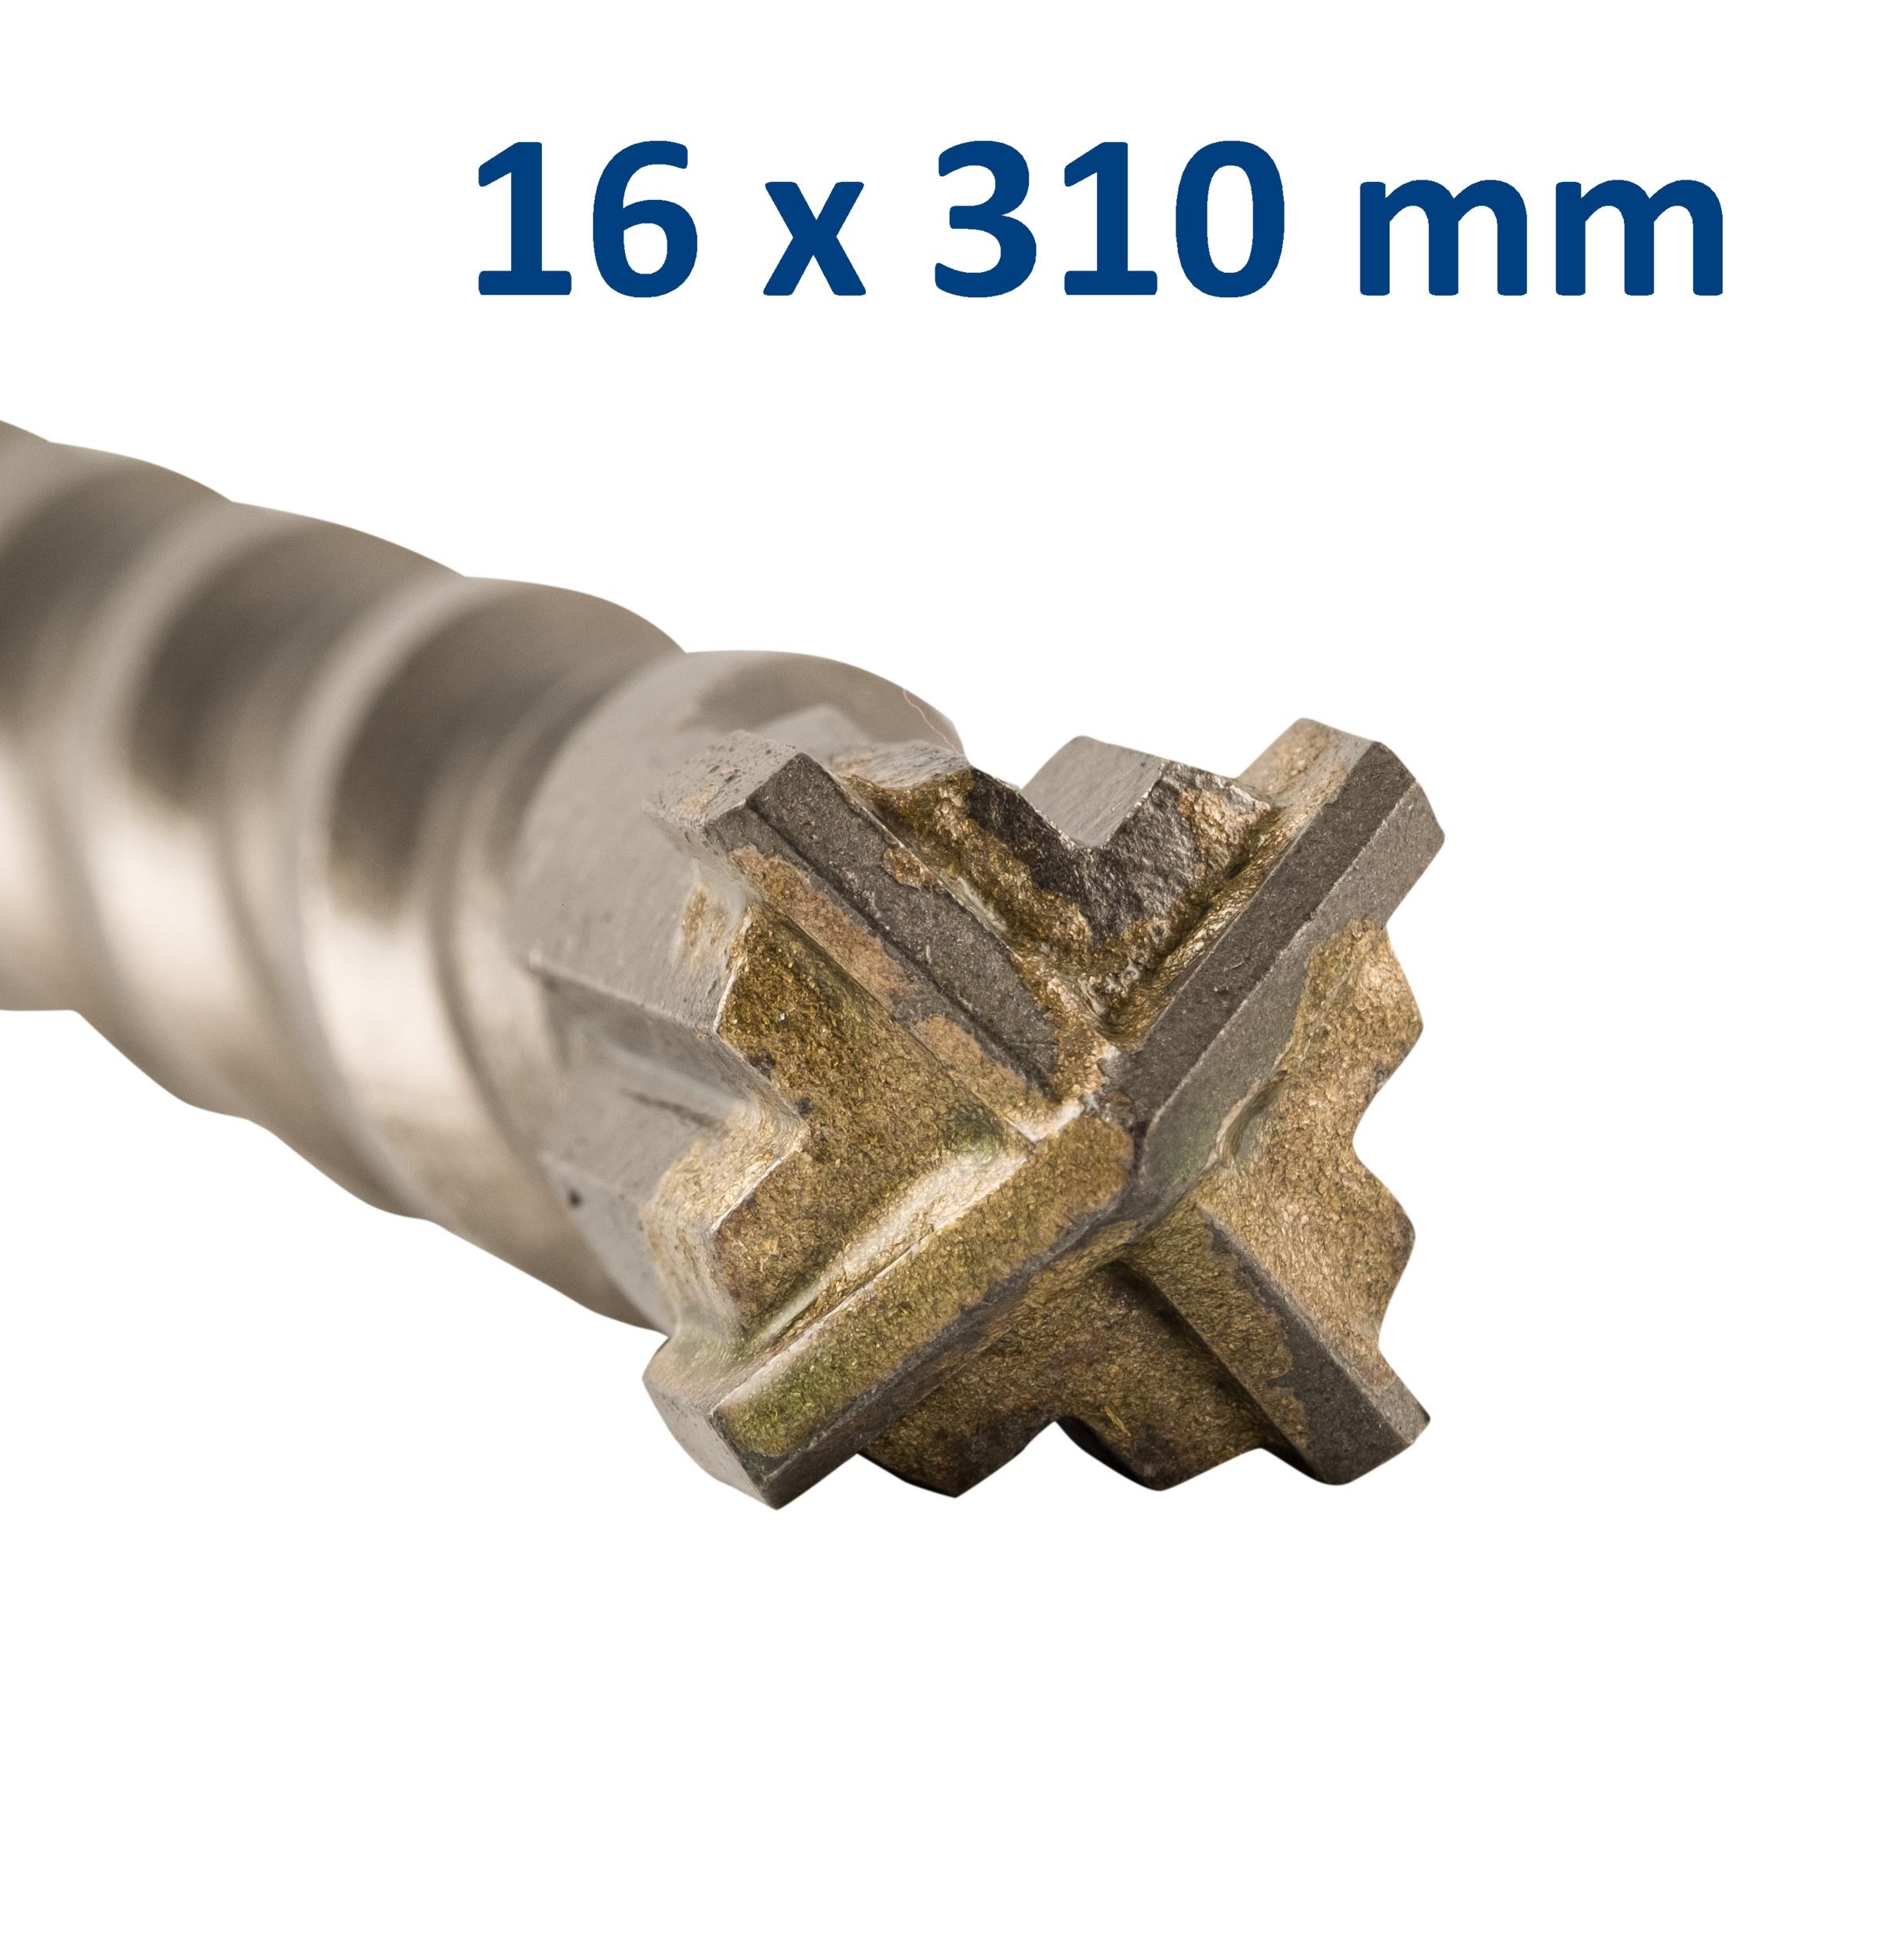 Foret-mèche SDS Plus pointe en croix 16x310 mm GRÖNE